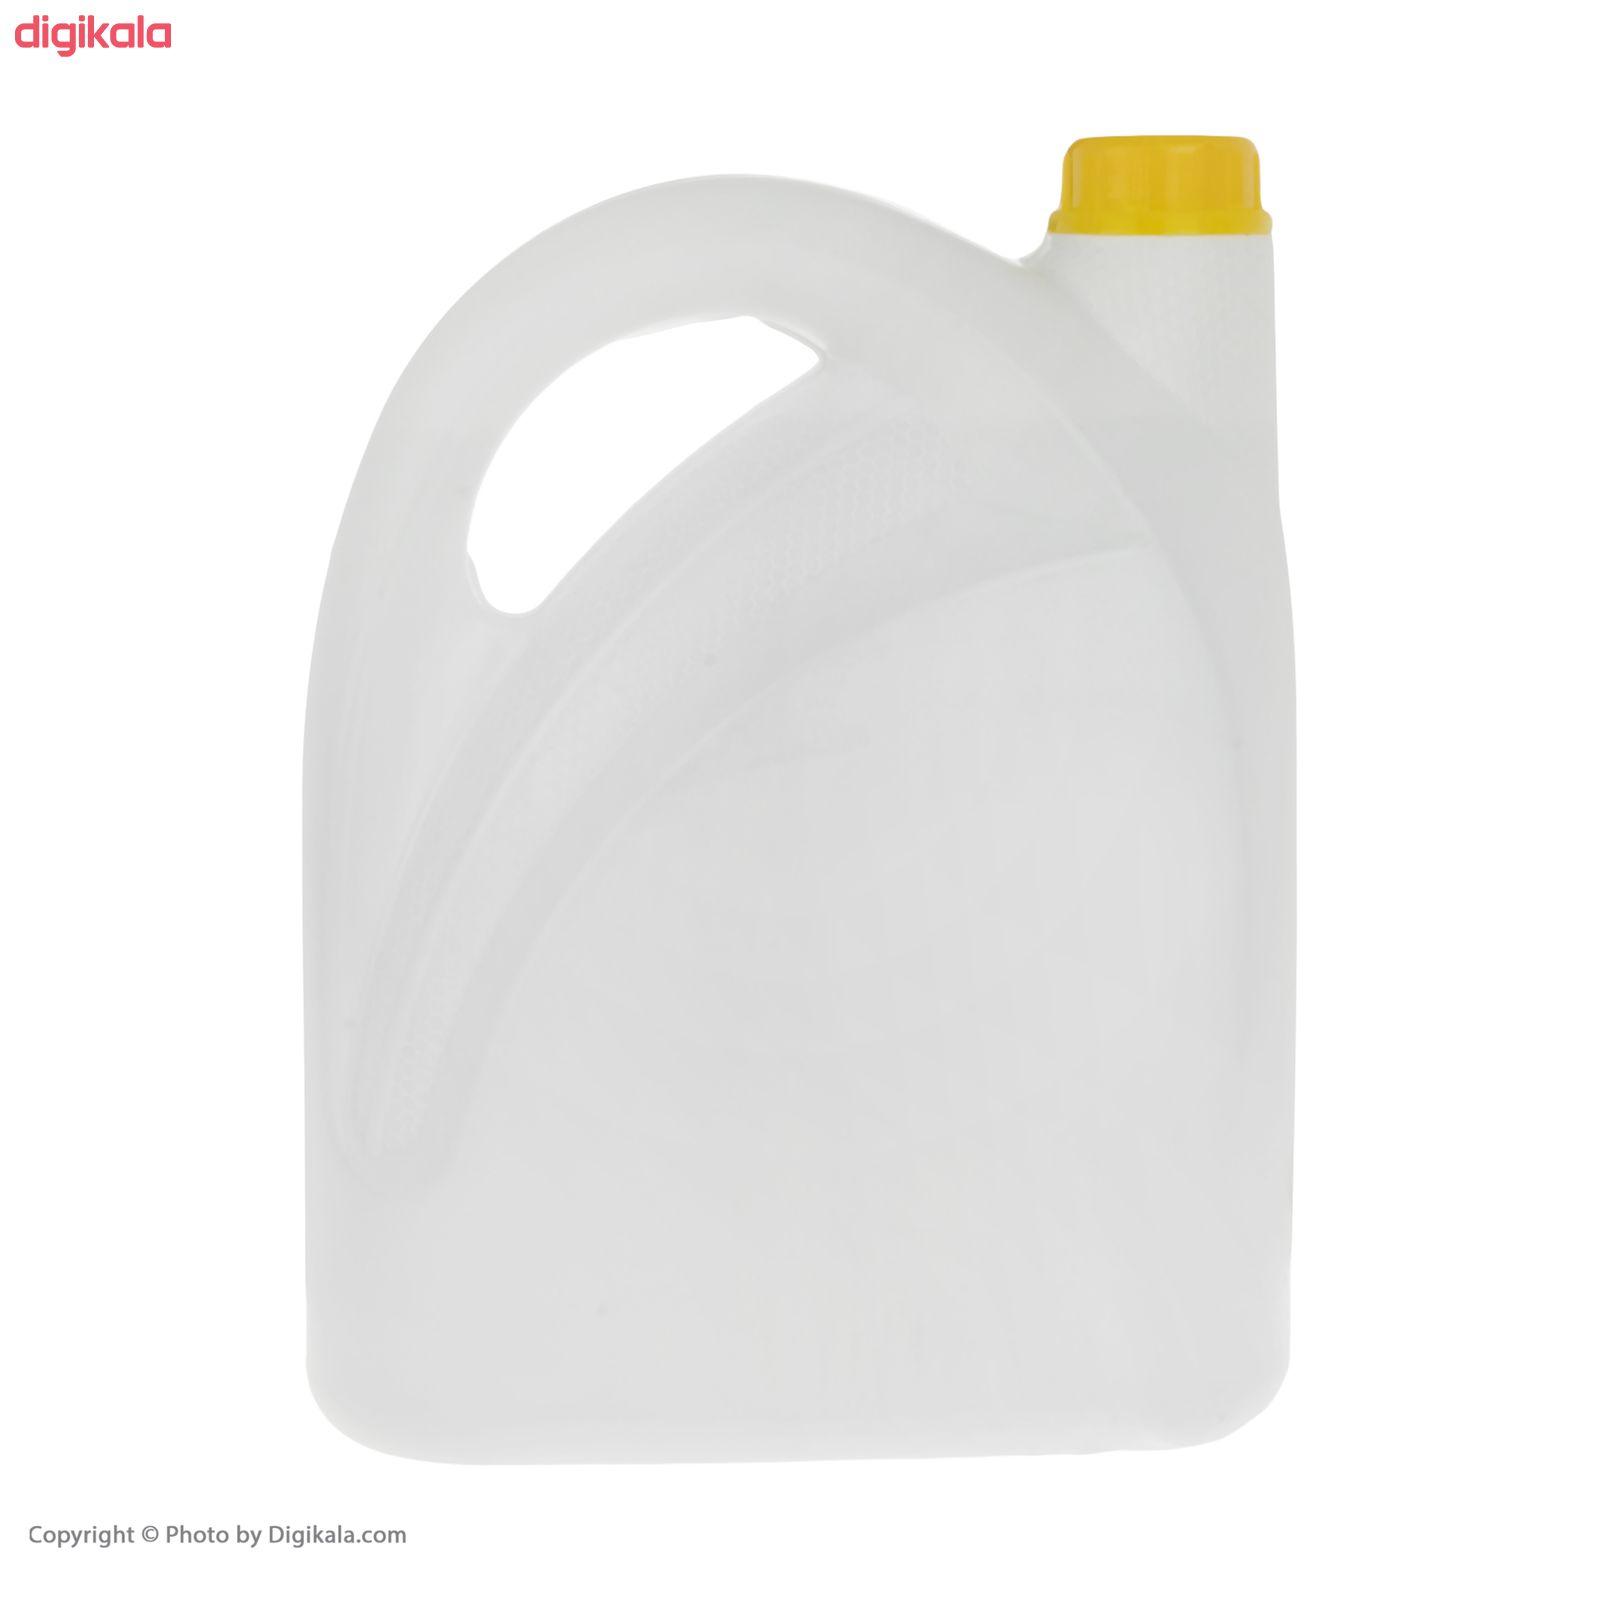 مایع ظرفشویی تاژ حاوی سرکه با رایحه لیمو سبز مقدار 3.75 کیلوگرم main 1 2